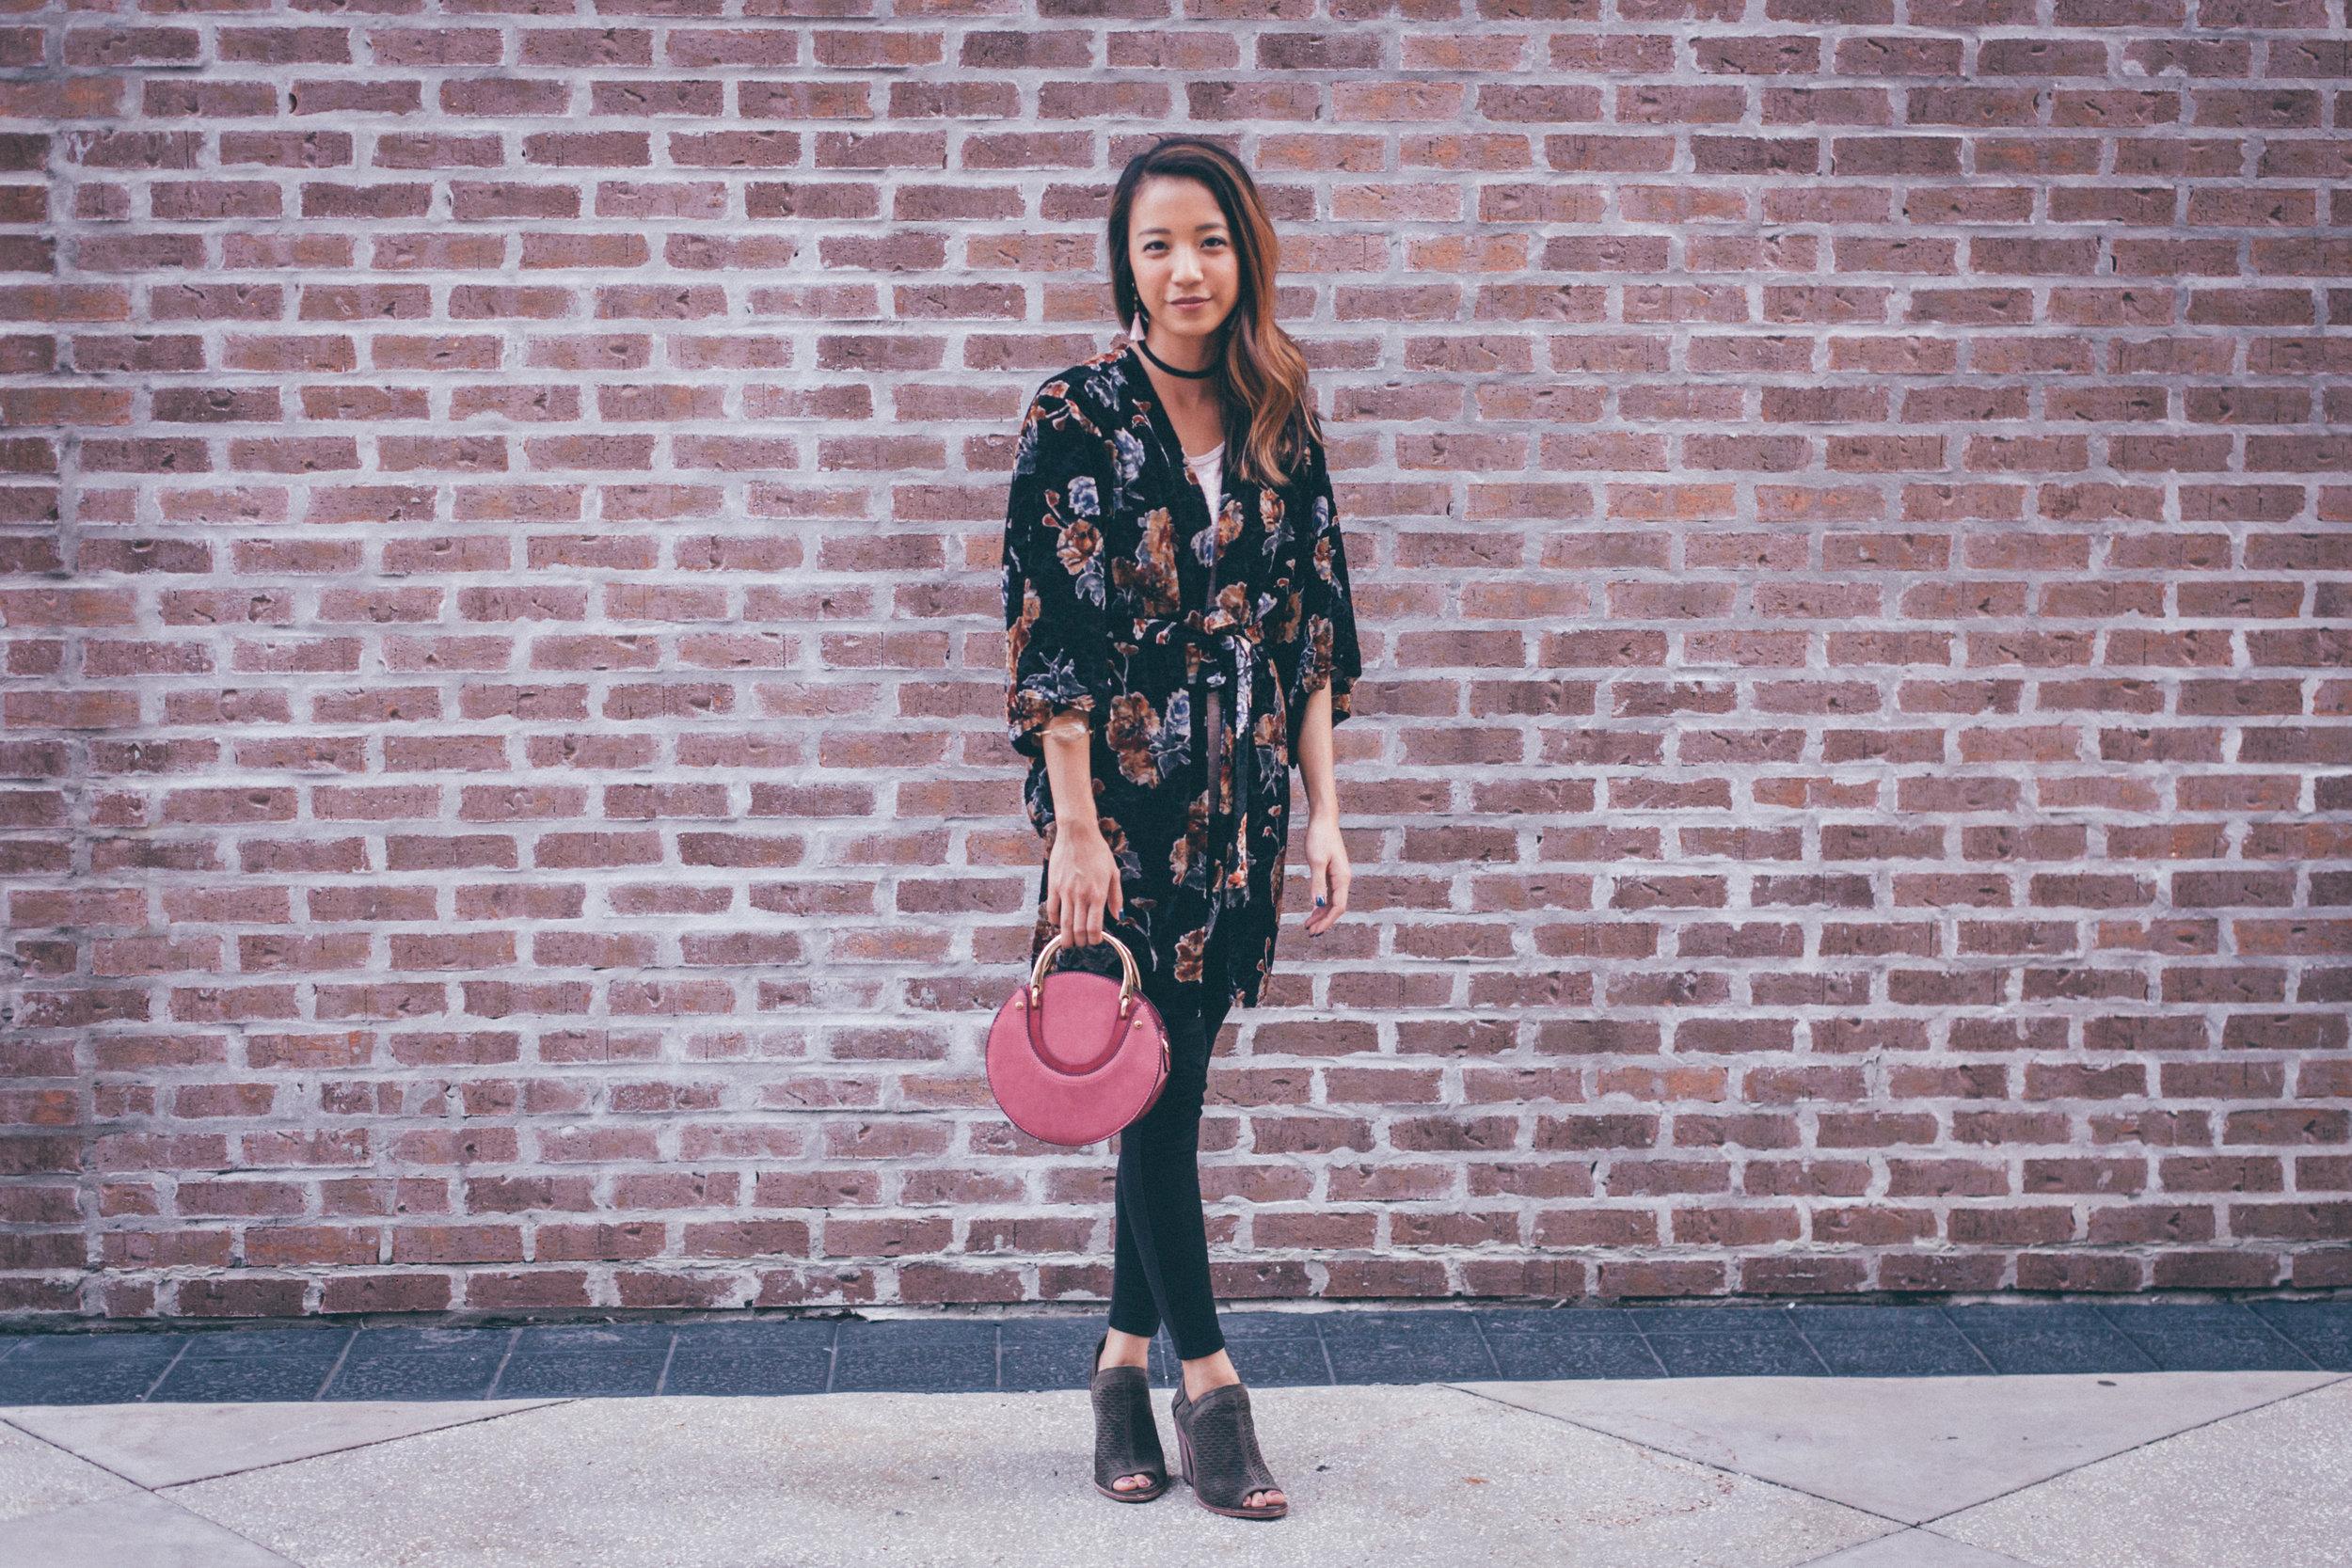 This Jenn Girl - Tampa Blogger - Tampa Bay Fashion Week 1